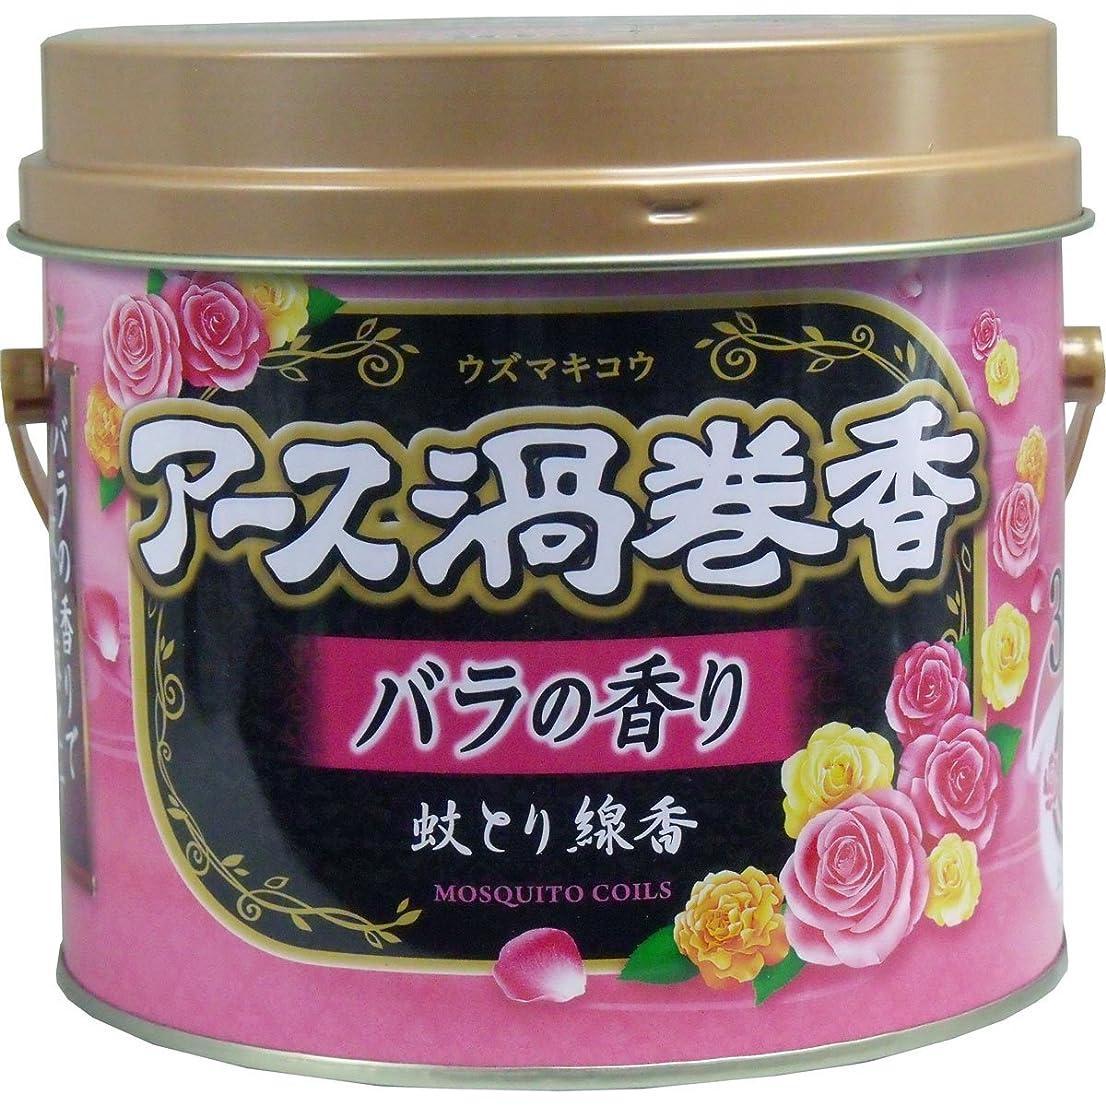 アース渦巻香 蚊とり線香 バラの香り 30巻